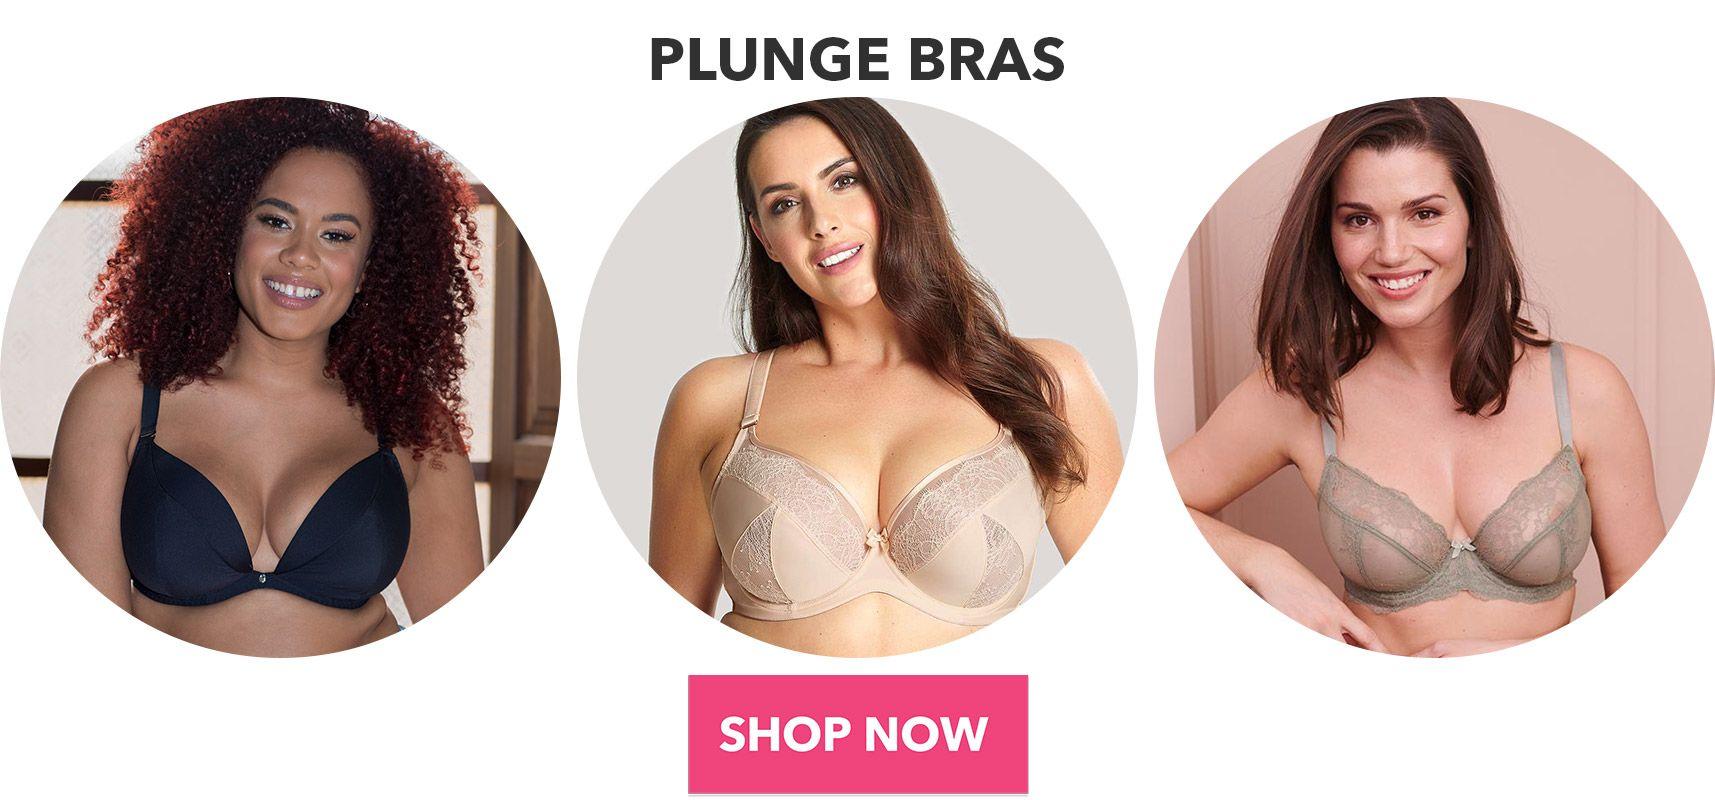 plunge bras shop now